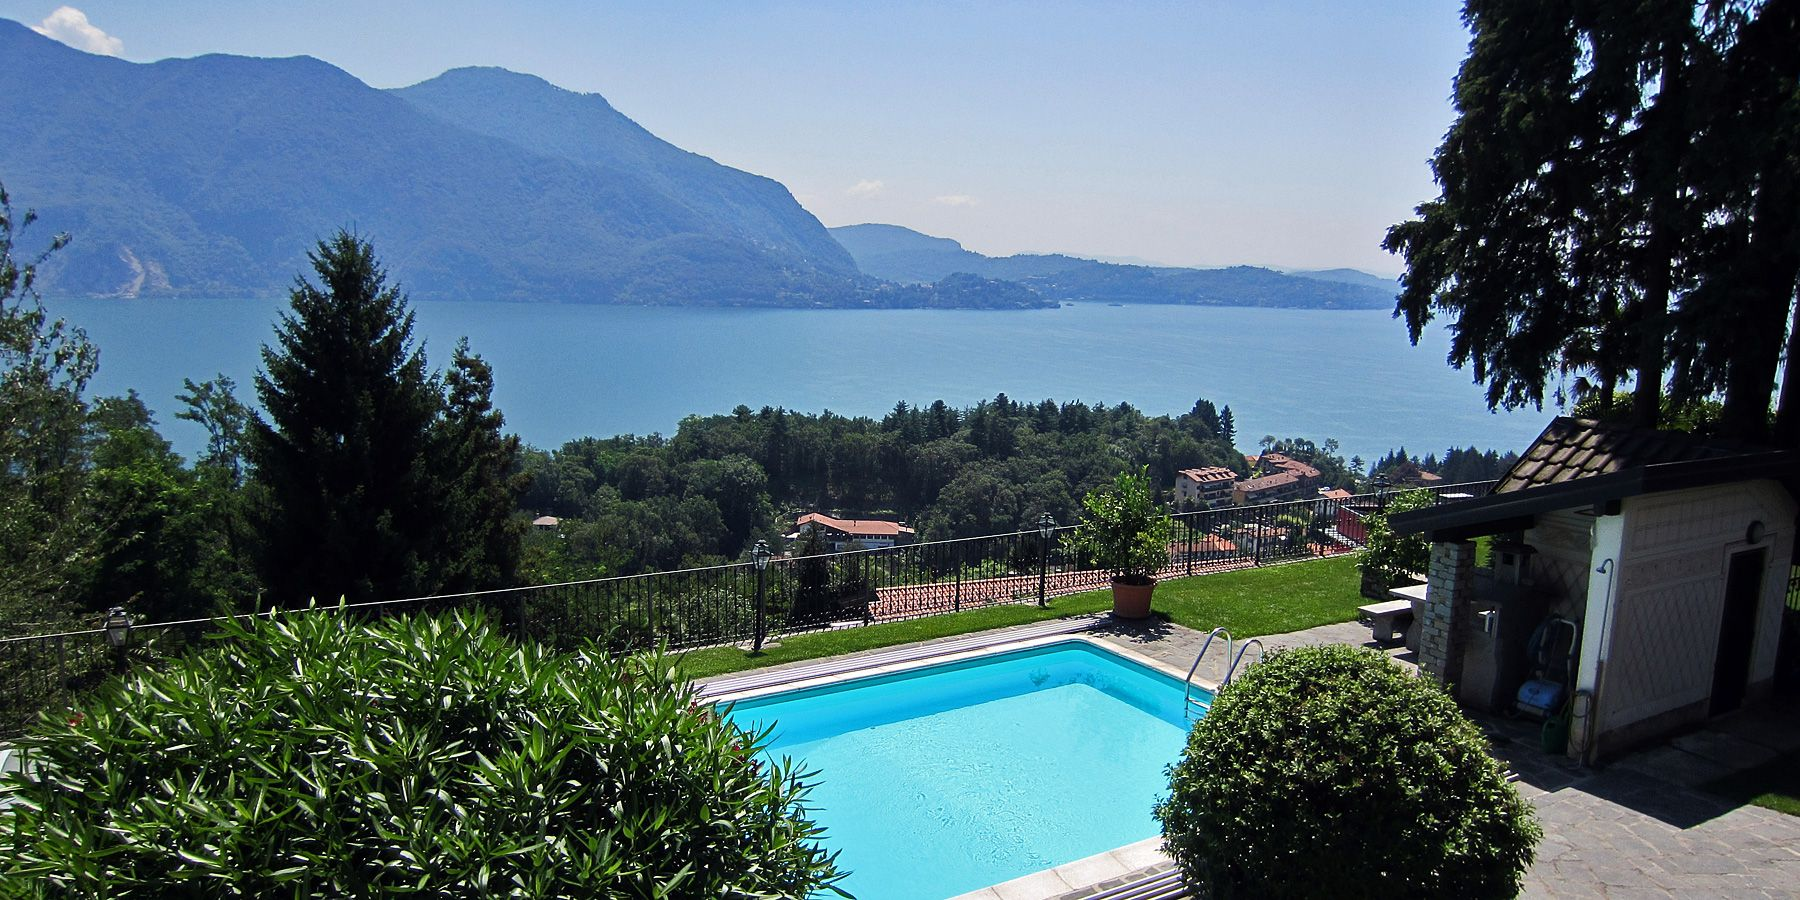 Villa zu kaufen in Ghiffa mit Pool